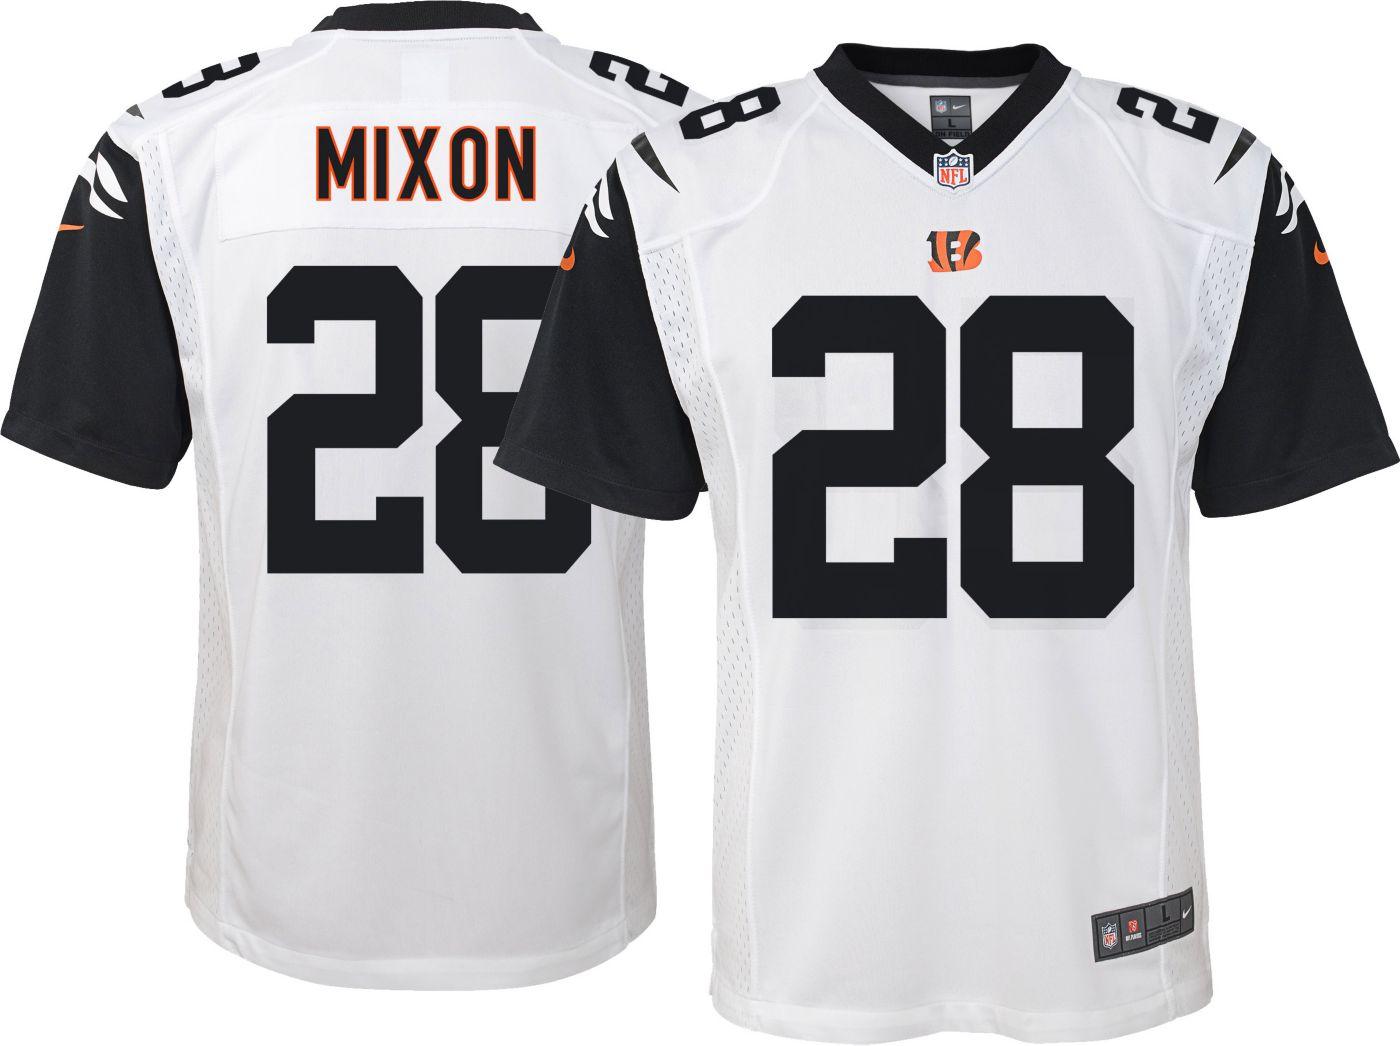 Nike Youth Color Rush Game Jersey Cincinnati Bengals Joe Mixon #28